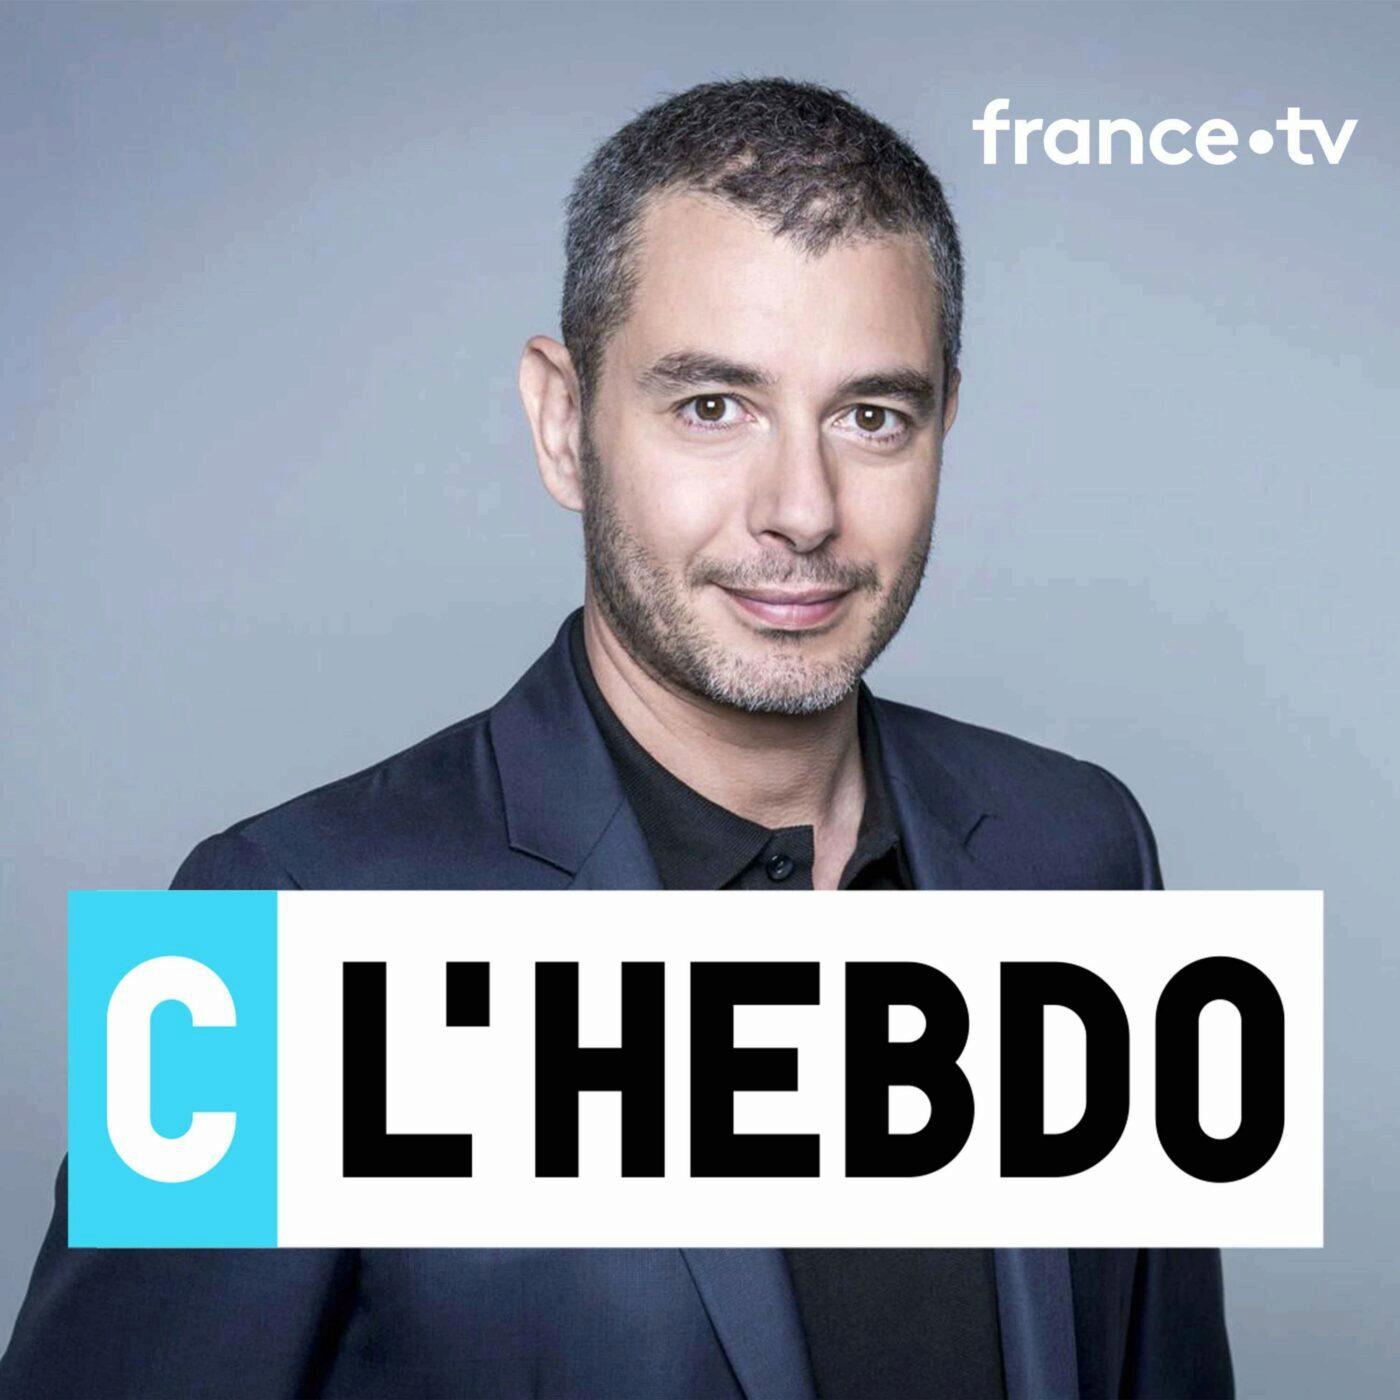 C l'Hebdo